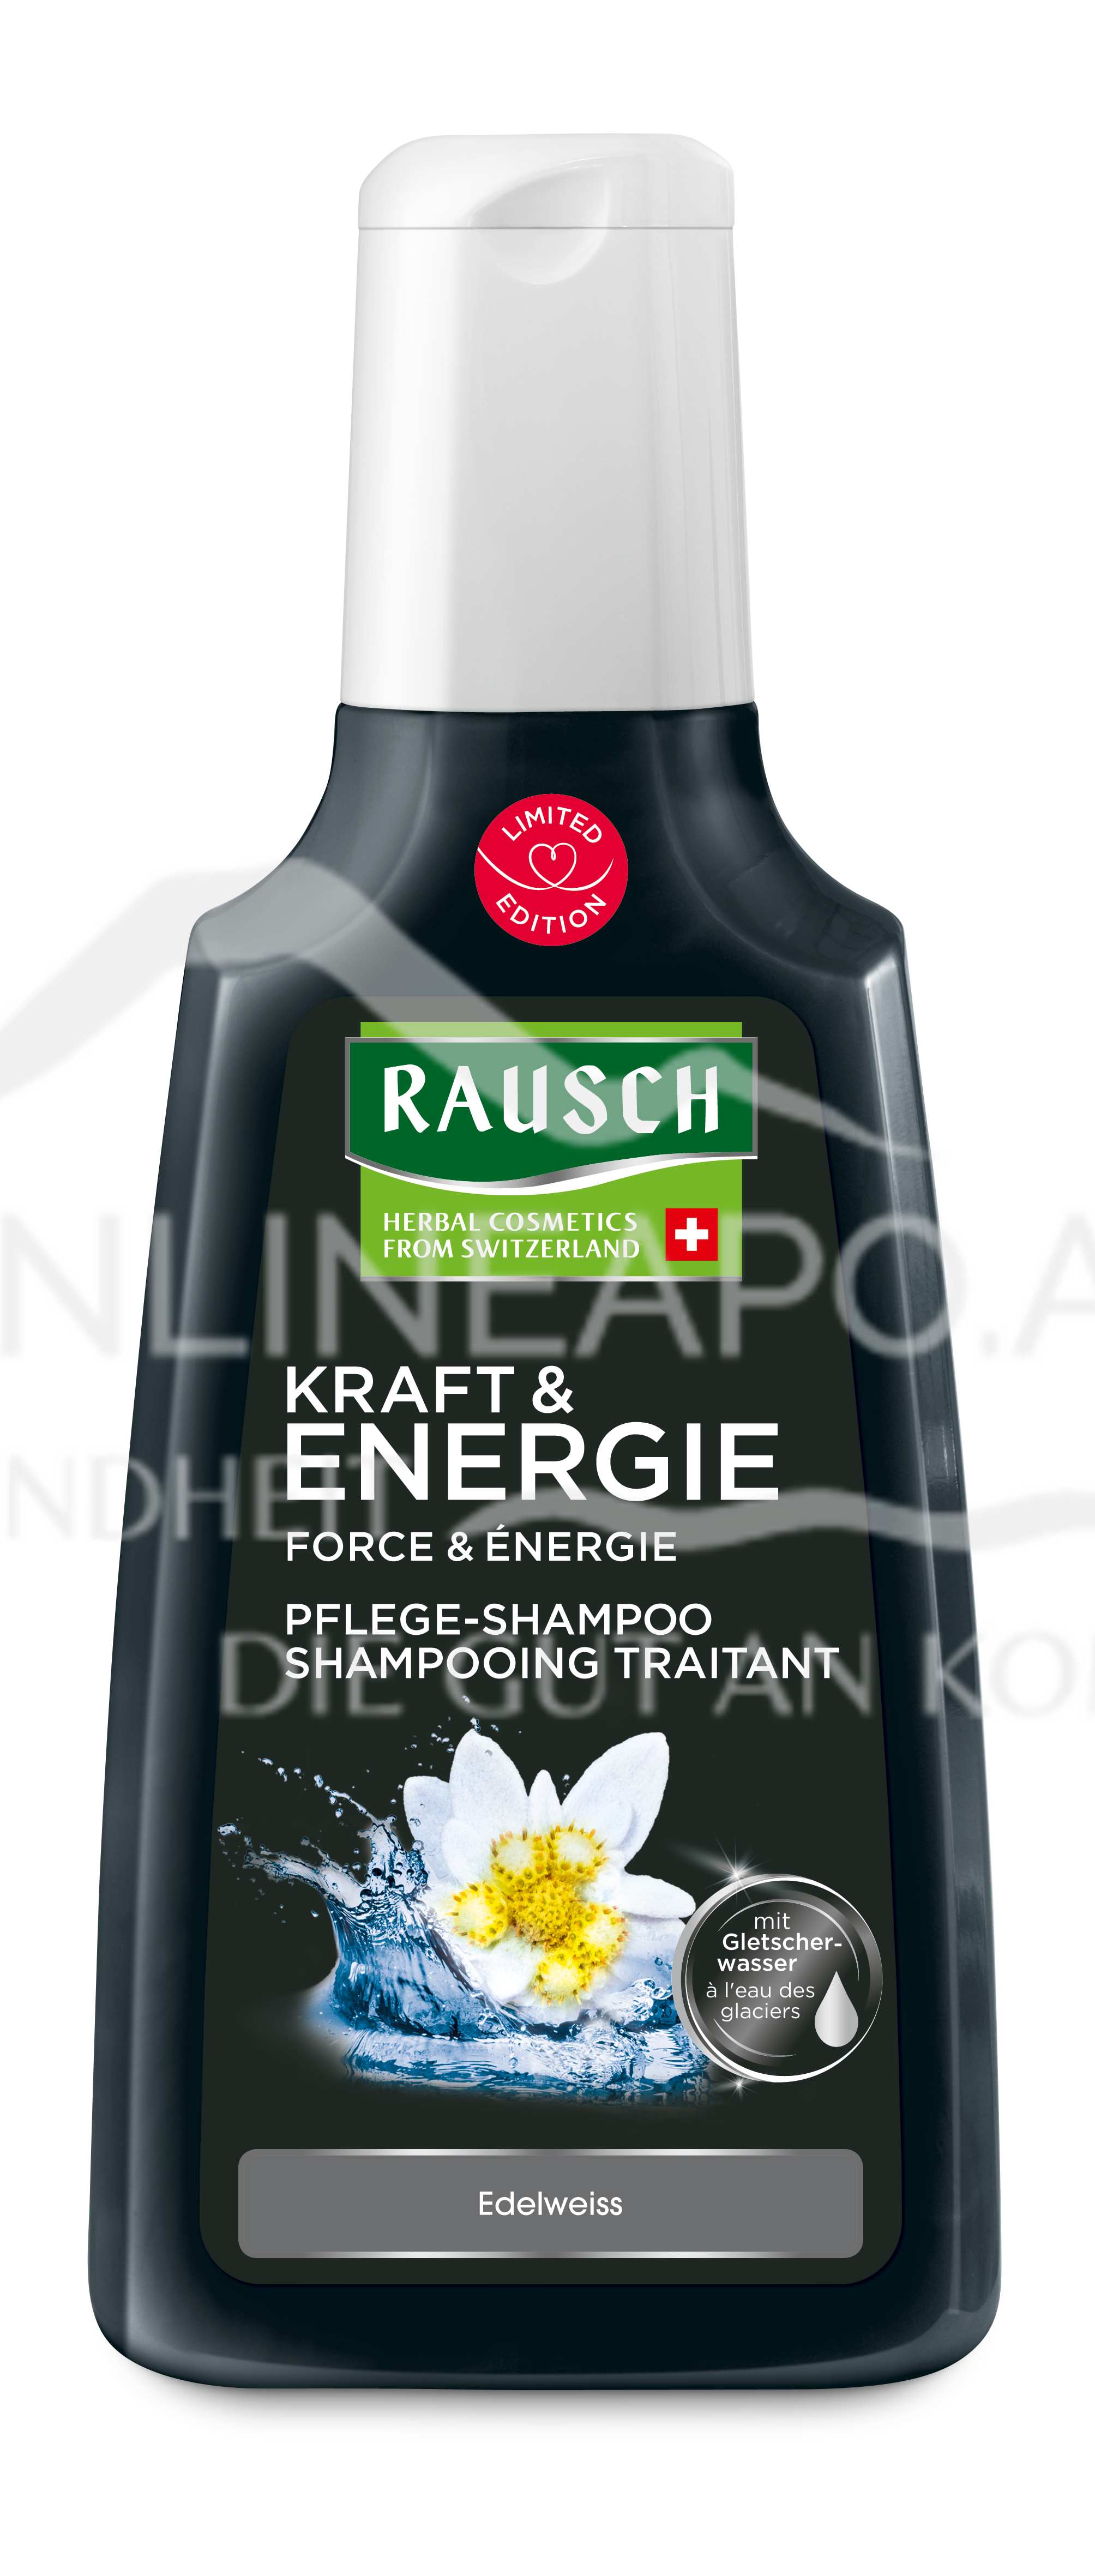 Rausch Edelweiß PFLEGE-SHAMPOO